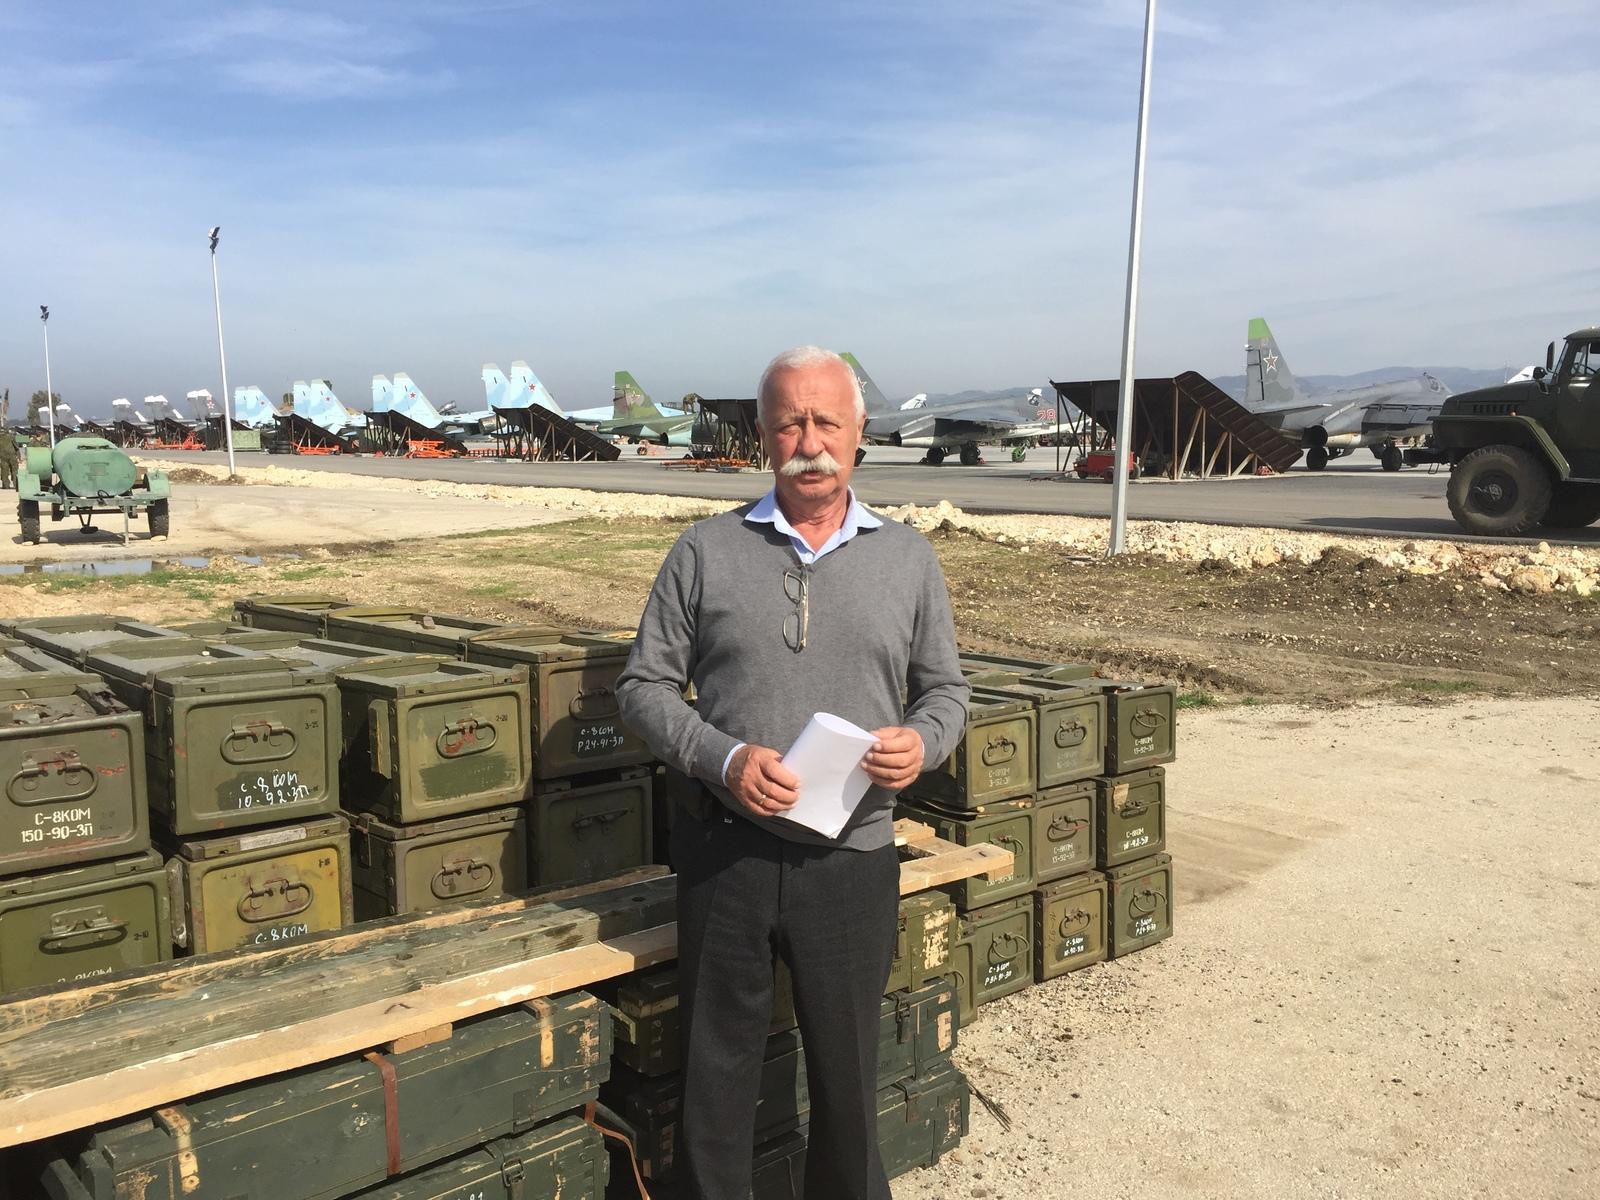 Недавно прошел ВЛЭК и подтвердил сертификацию пилота на три воздушных судна / Из личного архива Леонида Якубовича